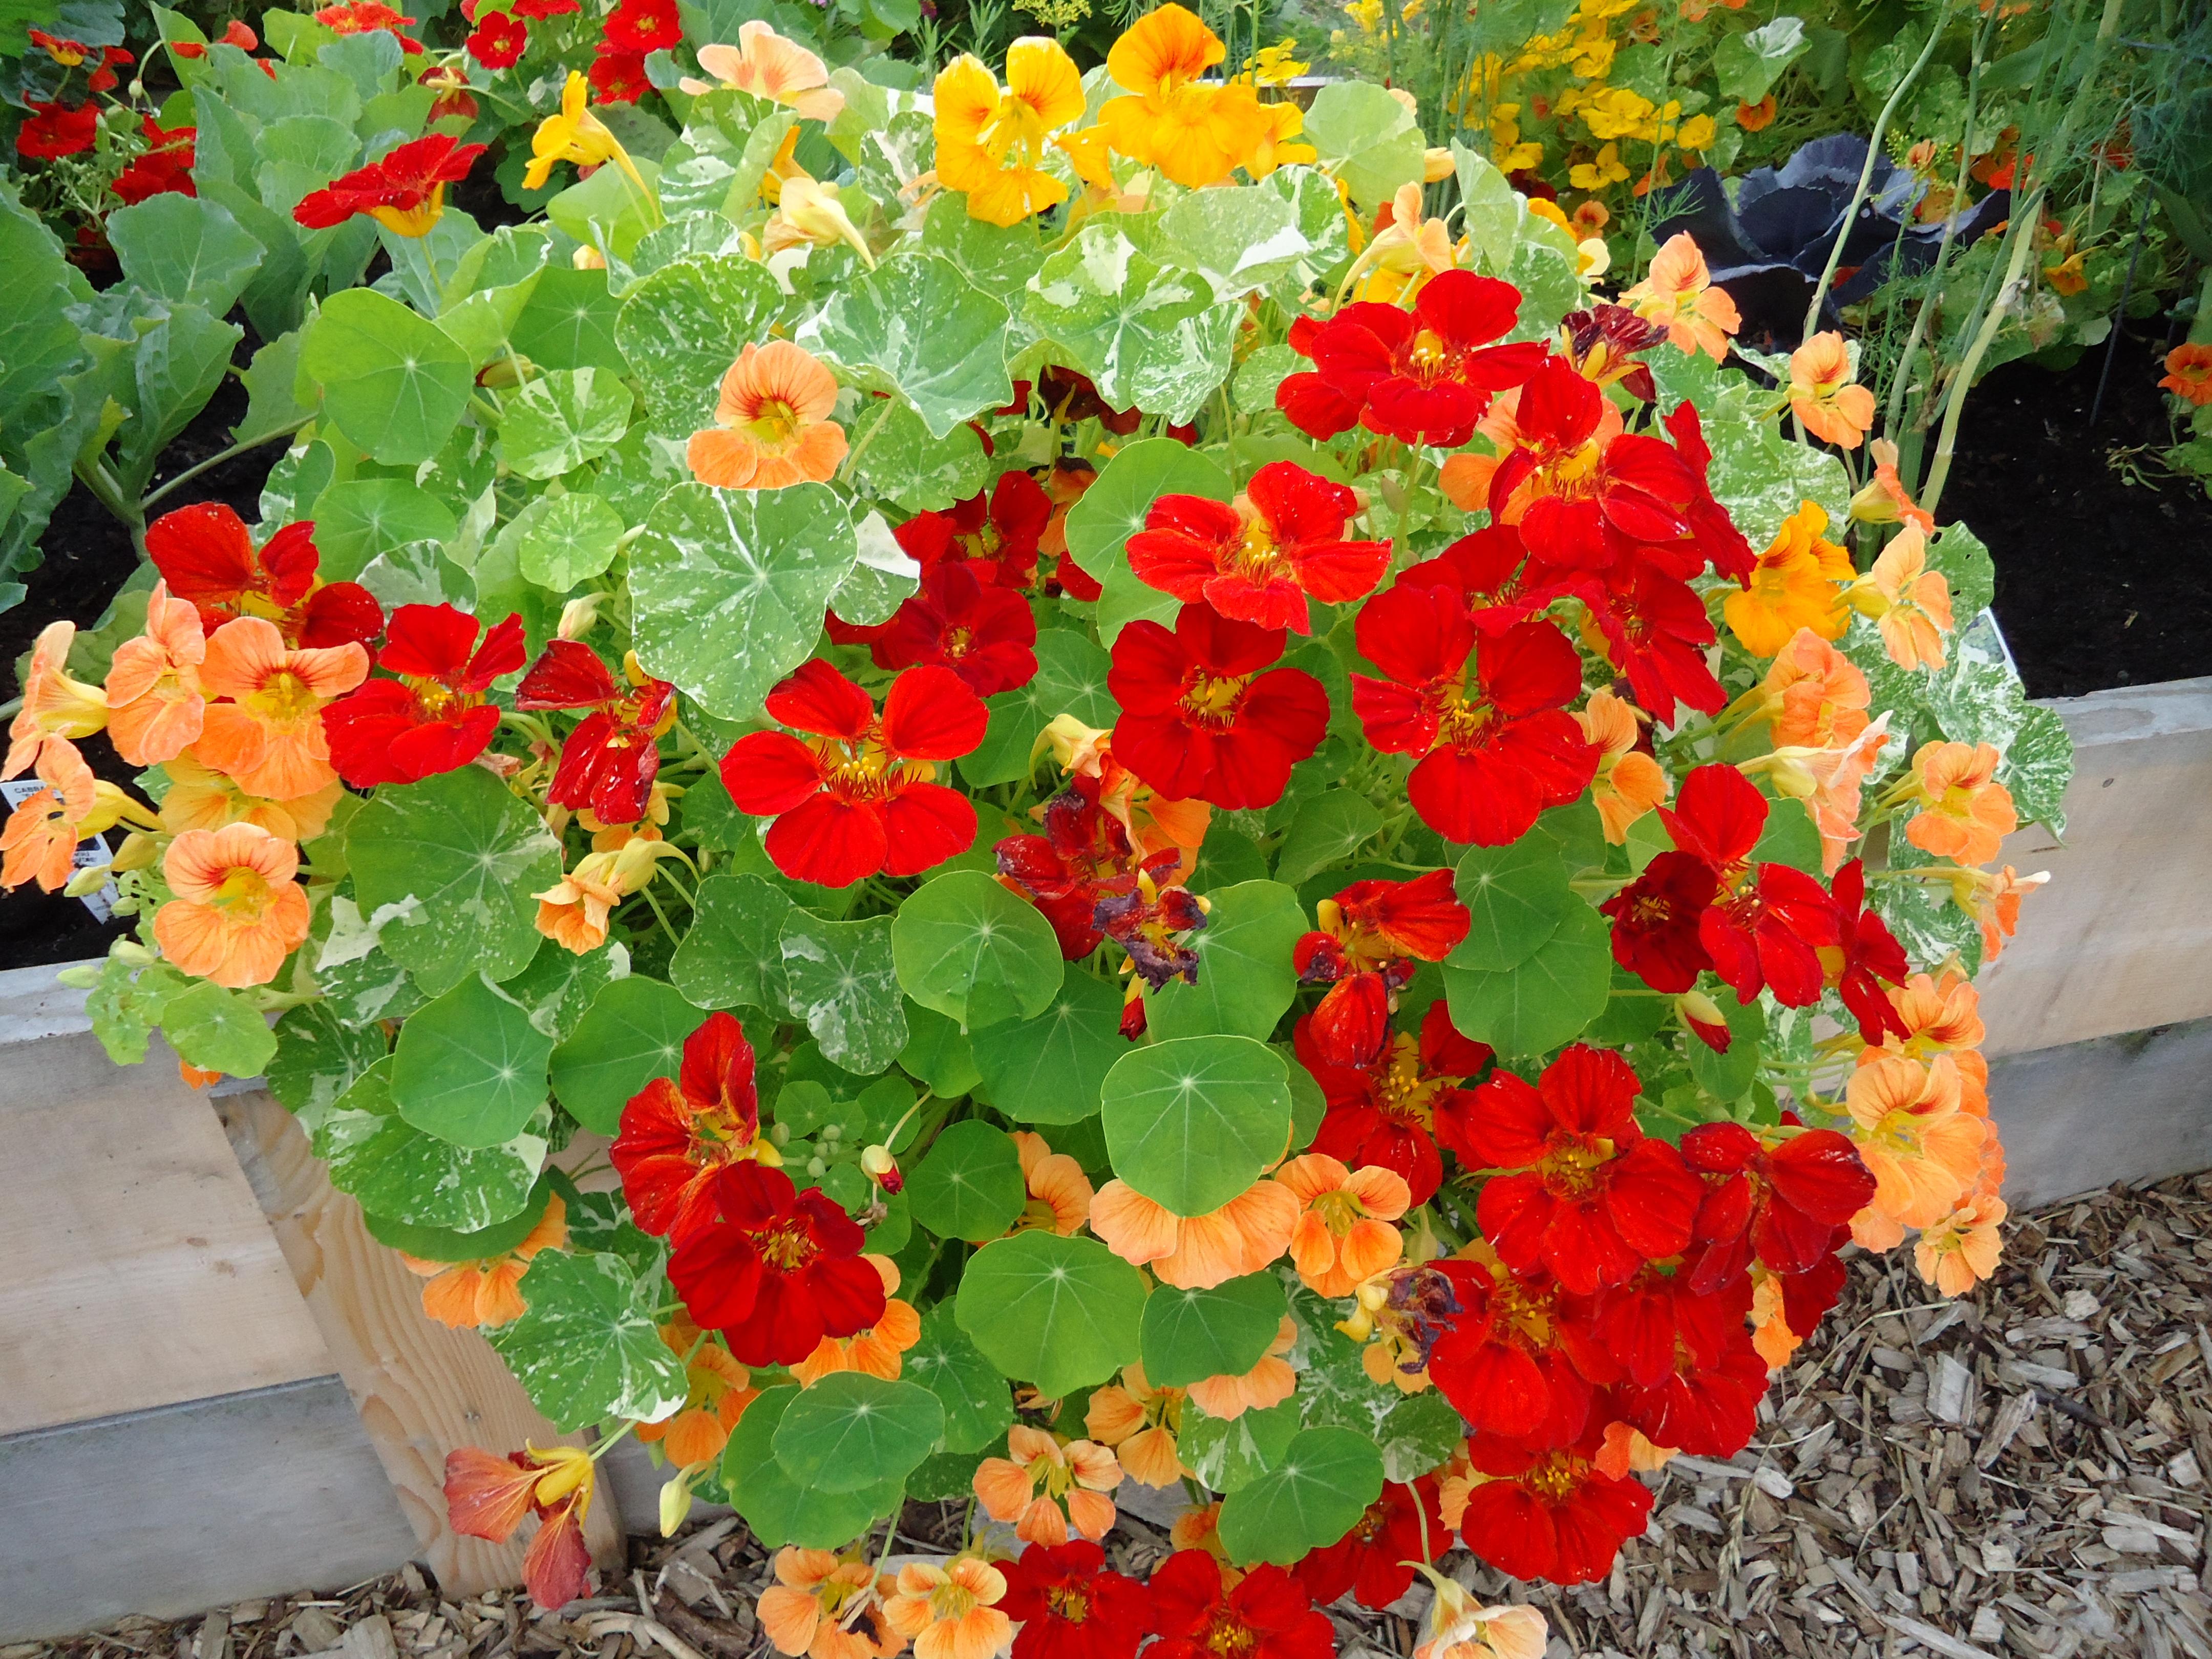 Gėlės nuotrauka. (Pavadinimas: Nasturtė)